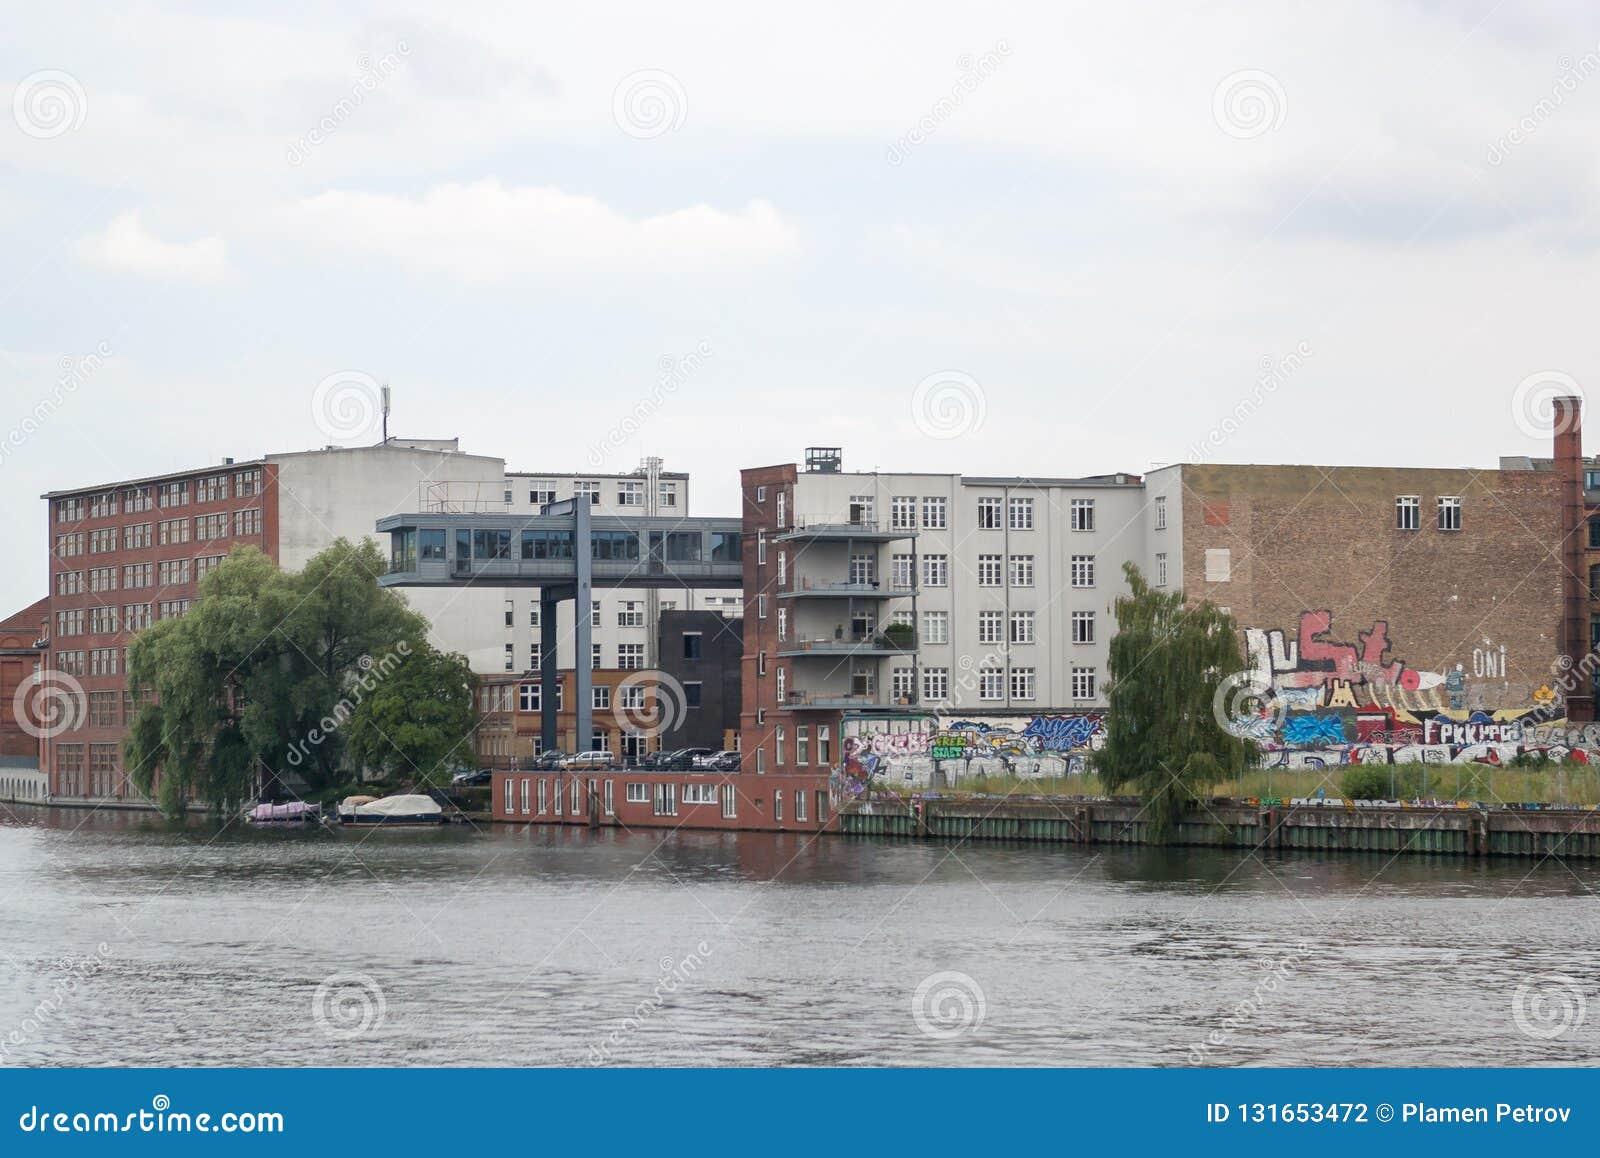 Graffiti-geschilderde baksteengebouwen dichtbij Fuifrivier in Kreuzberg, Berlijn